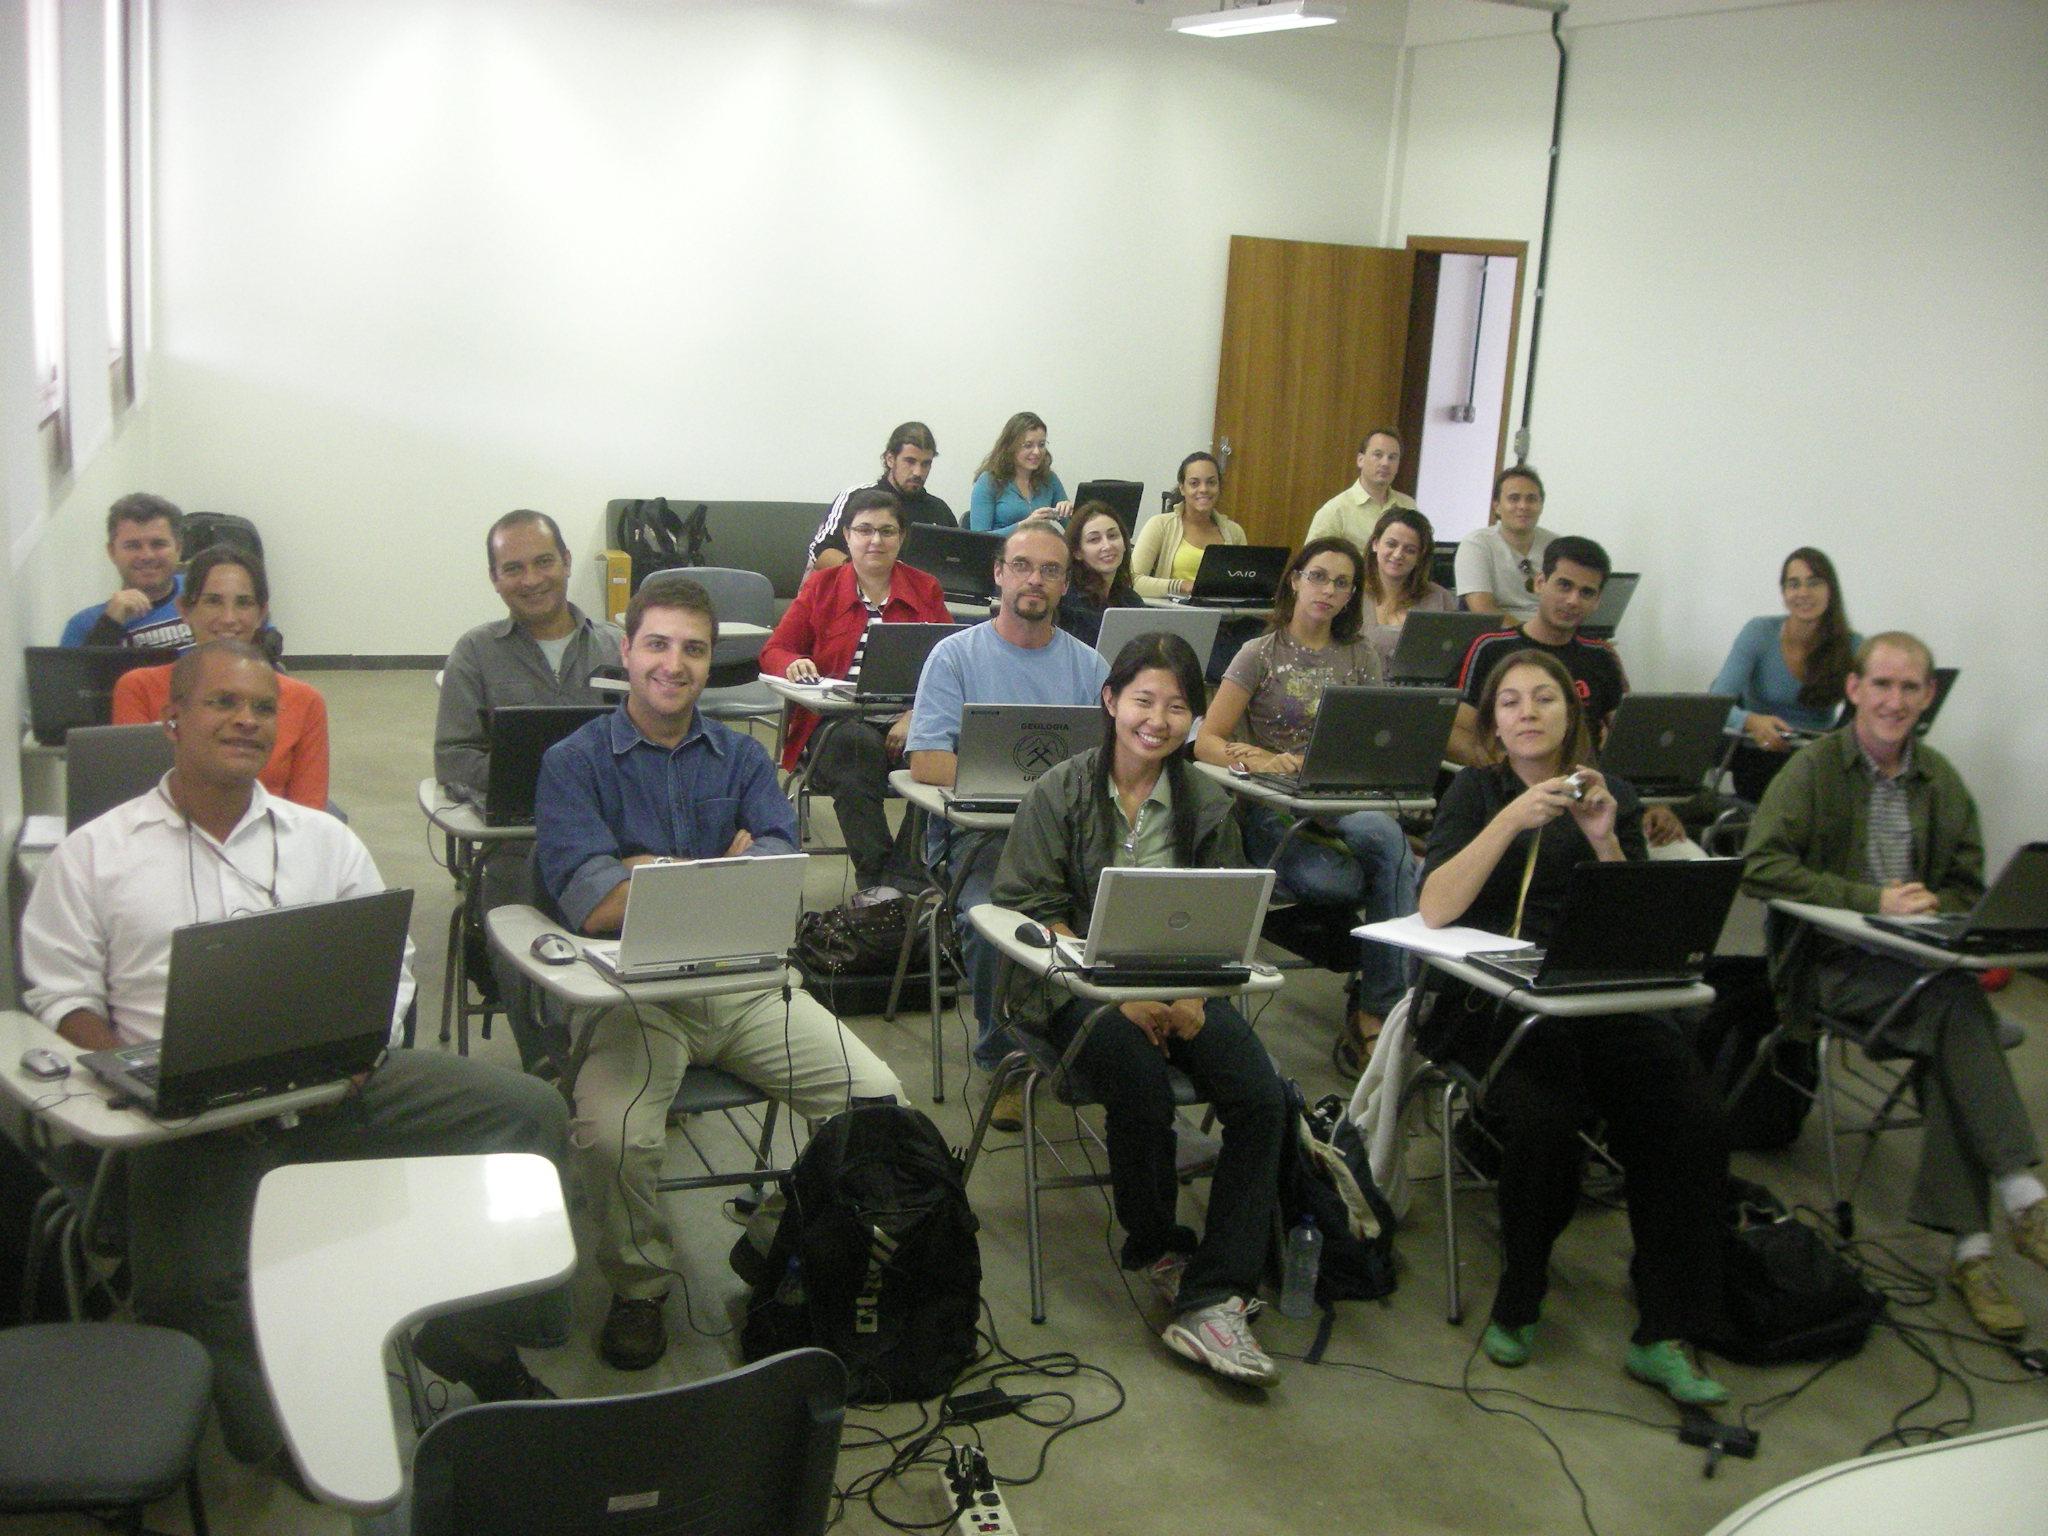 Curso de Dinamica EGO, UFMG, Belo Horizonte, 2008